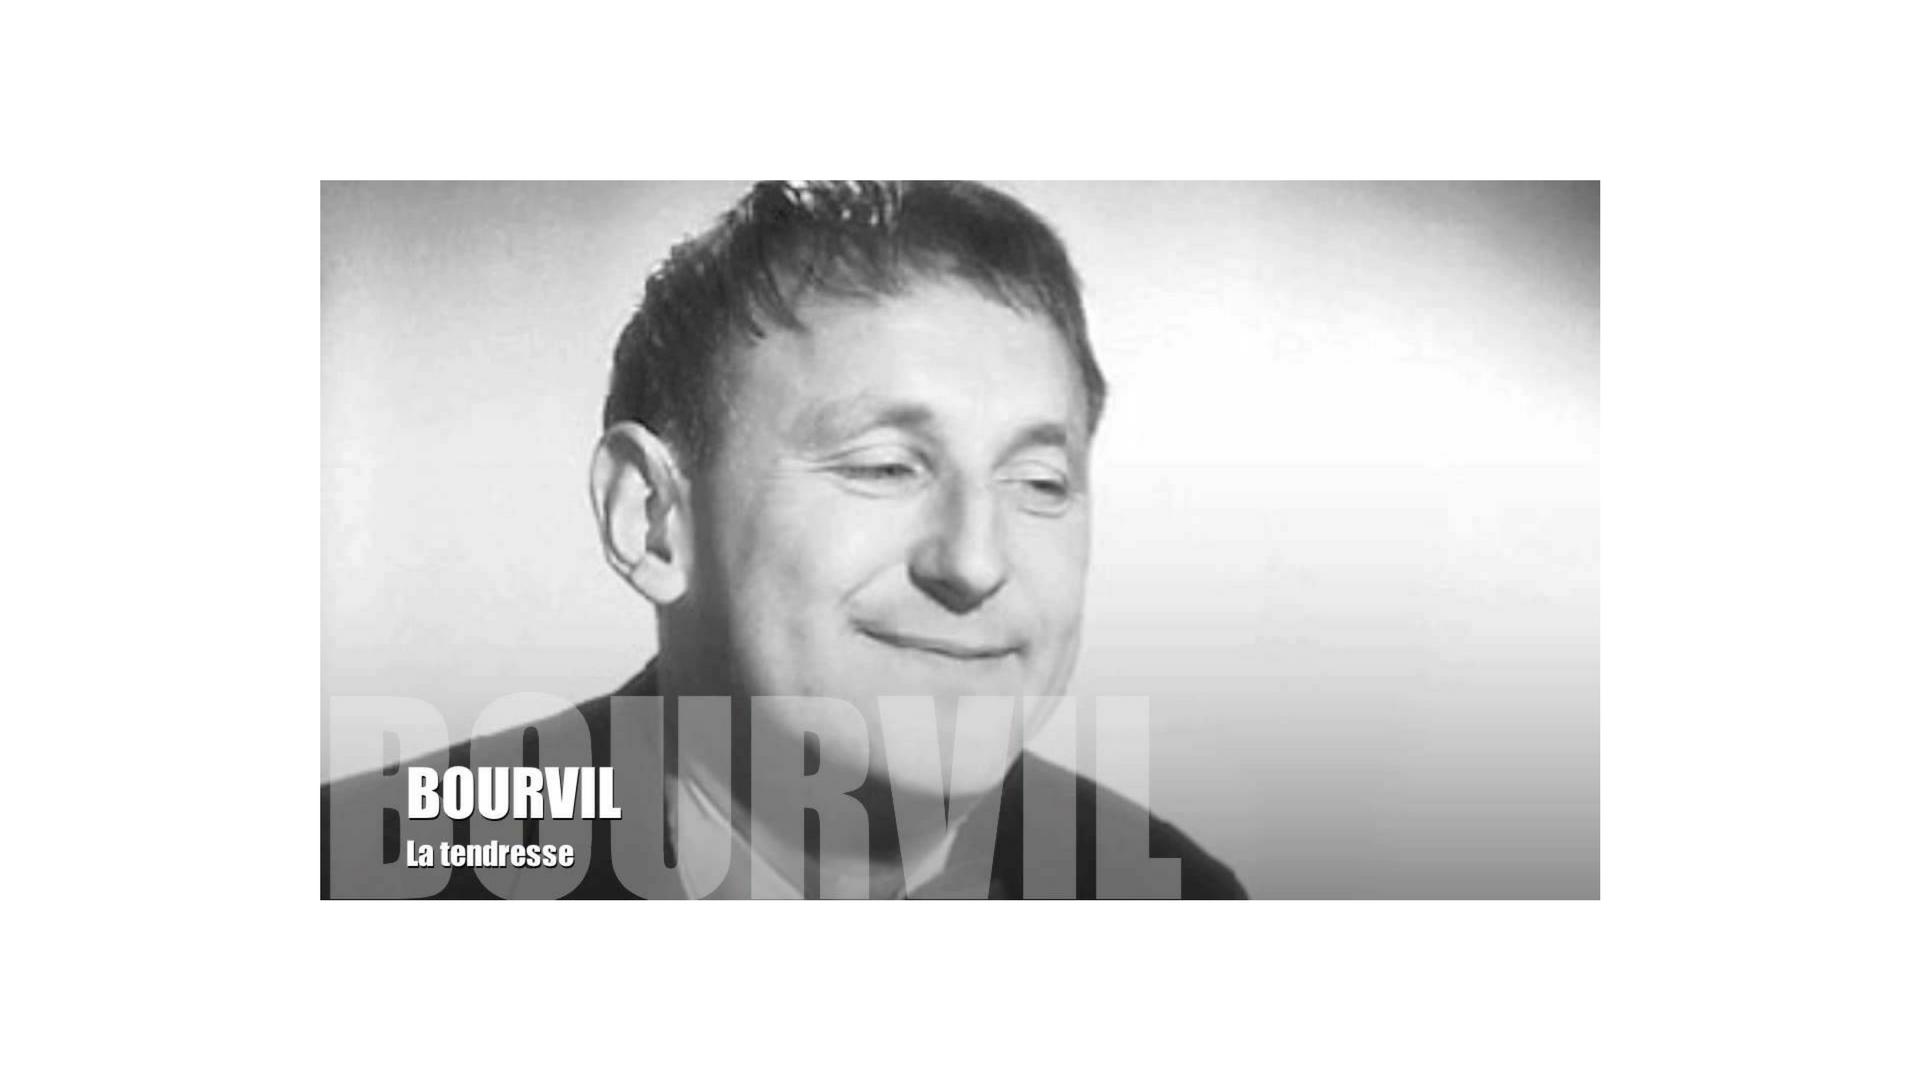 La tendresse en chanson, c'est Bourvil qui en parle le mieux !